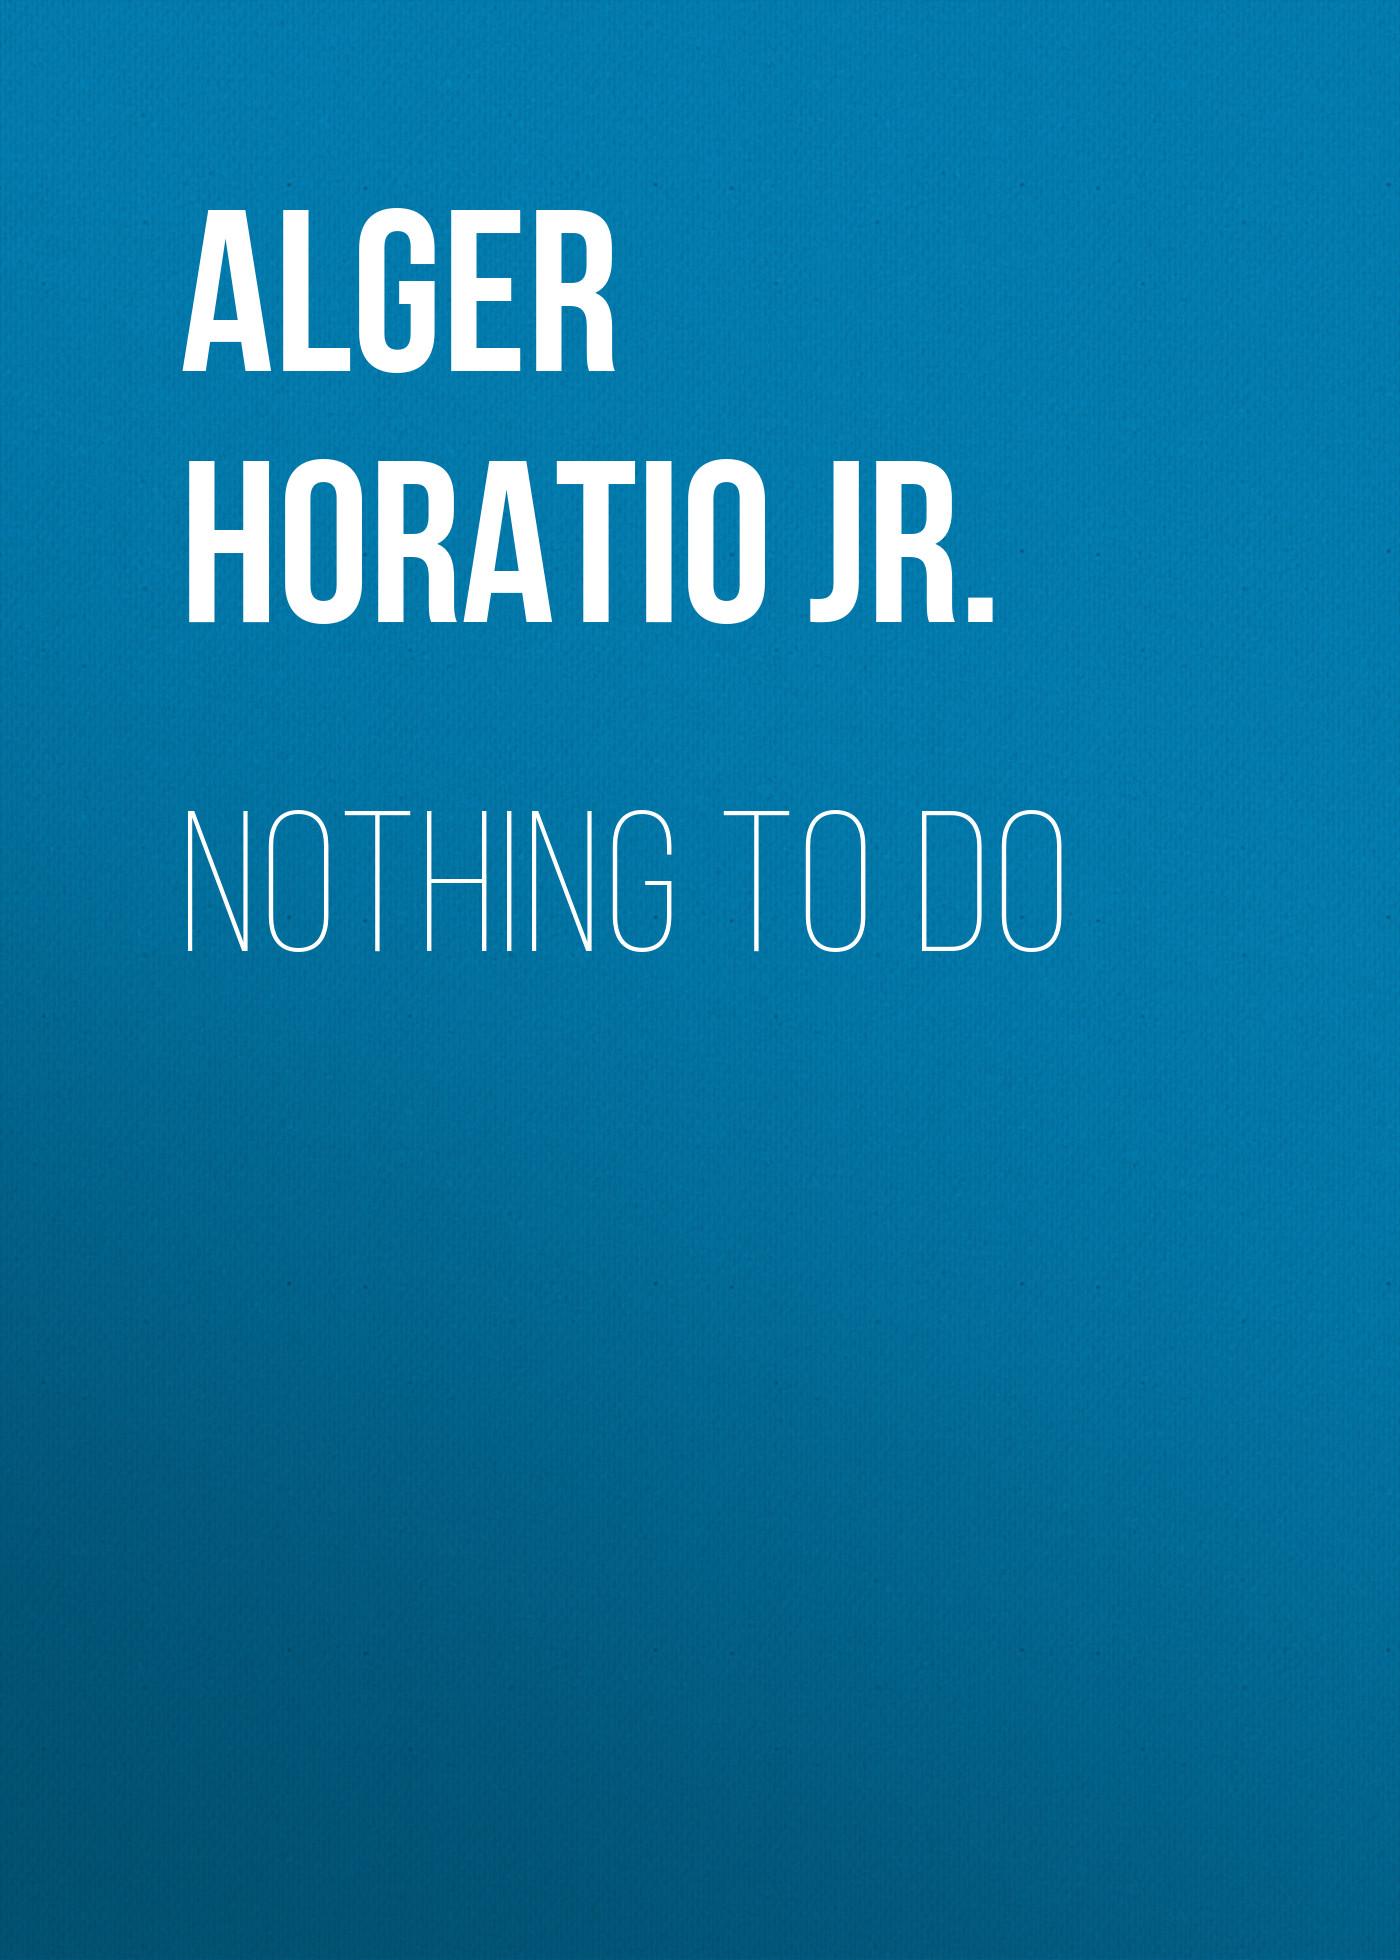 Alger Horatio Jr. Nothing to Do alger horatio jr luke walton